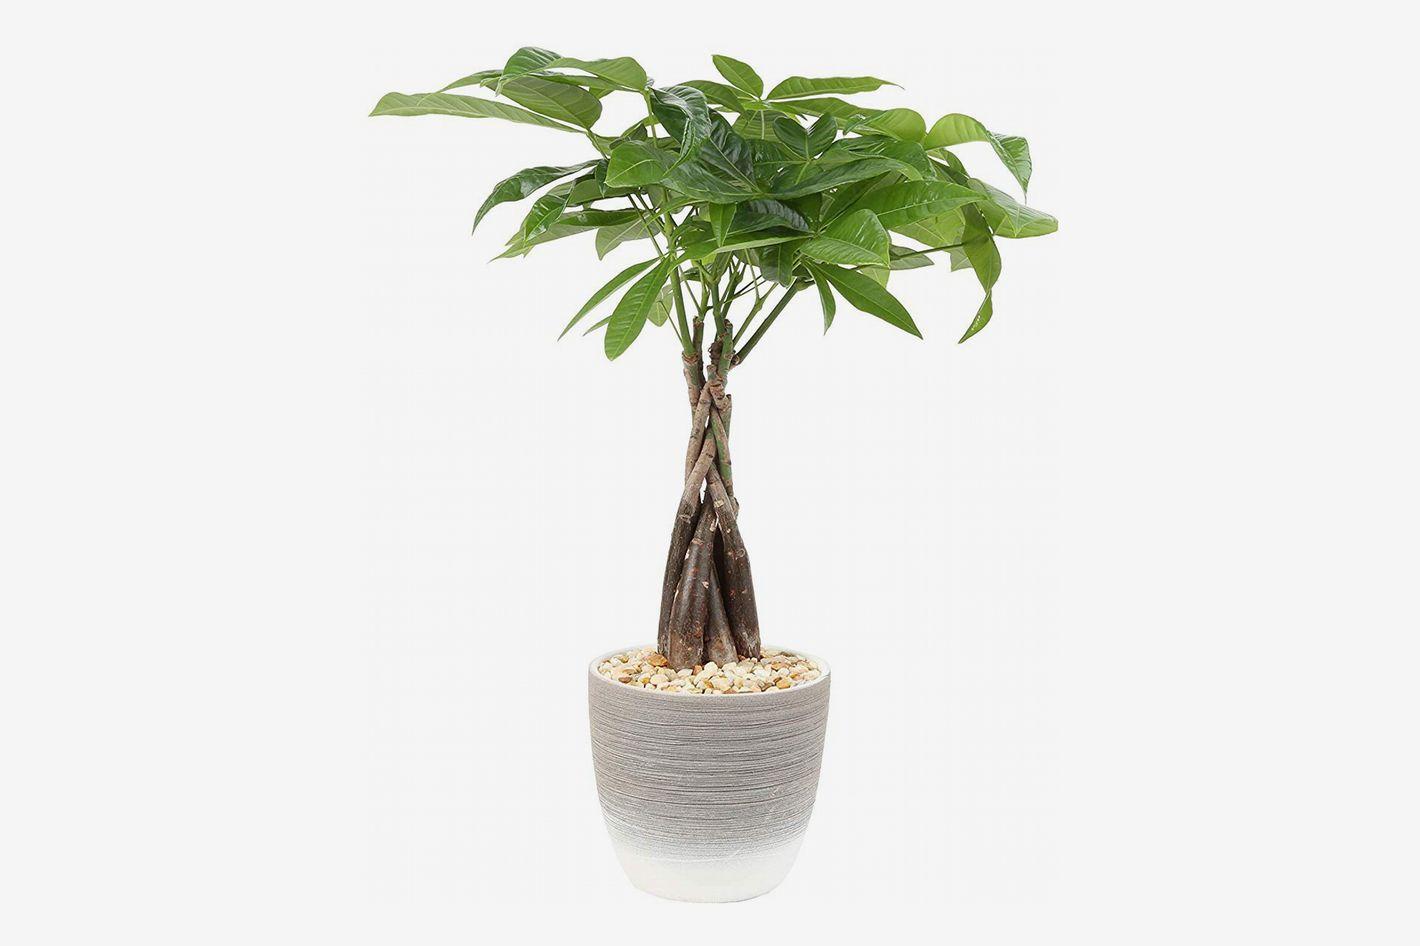 Costa Farms Money Tree in Ceramic Planter, 16-Inches Tall